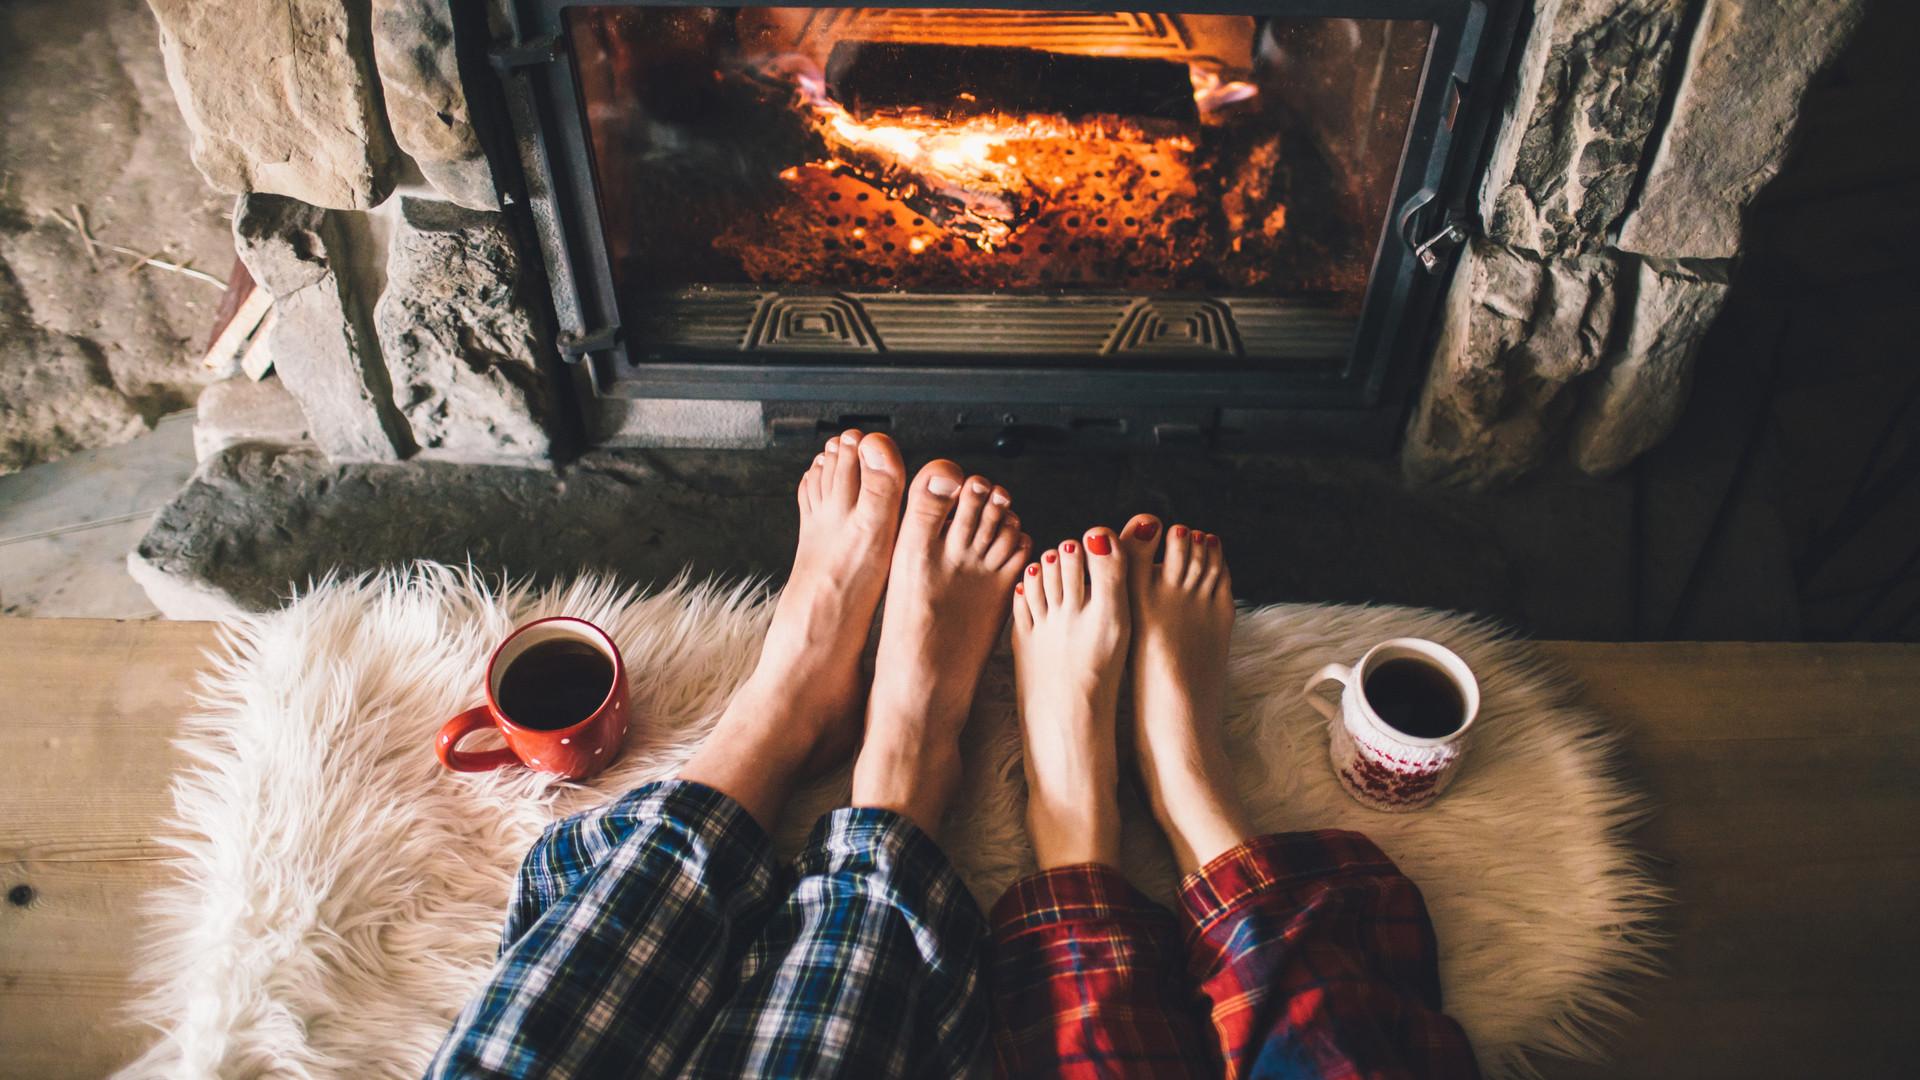 People, Humans, Fireplace, Indoor comfort, Home